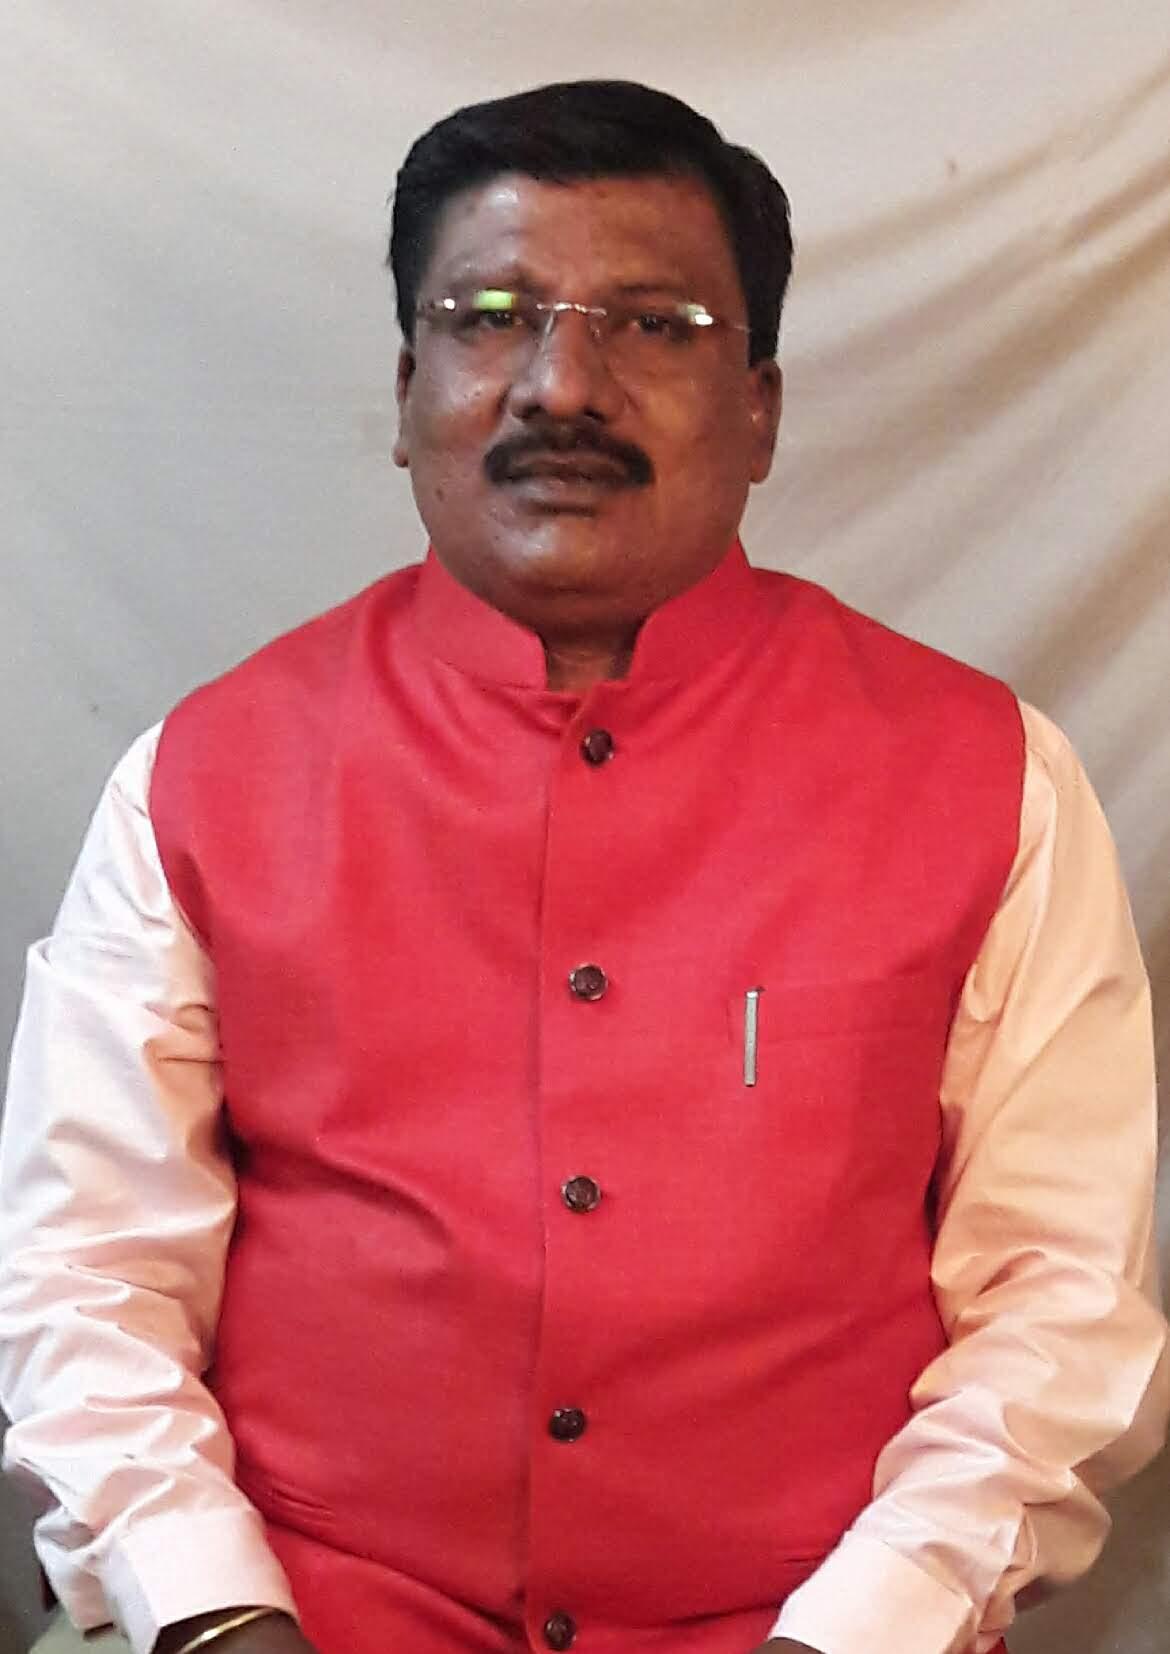 केंद्रीय राज्यमंत्री रामदास आठवले यांनी राजीनामा न दिल्यास आरपीआय कार्यकर्ते करणार निदर्शने